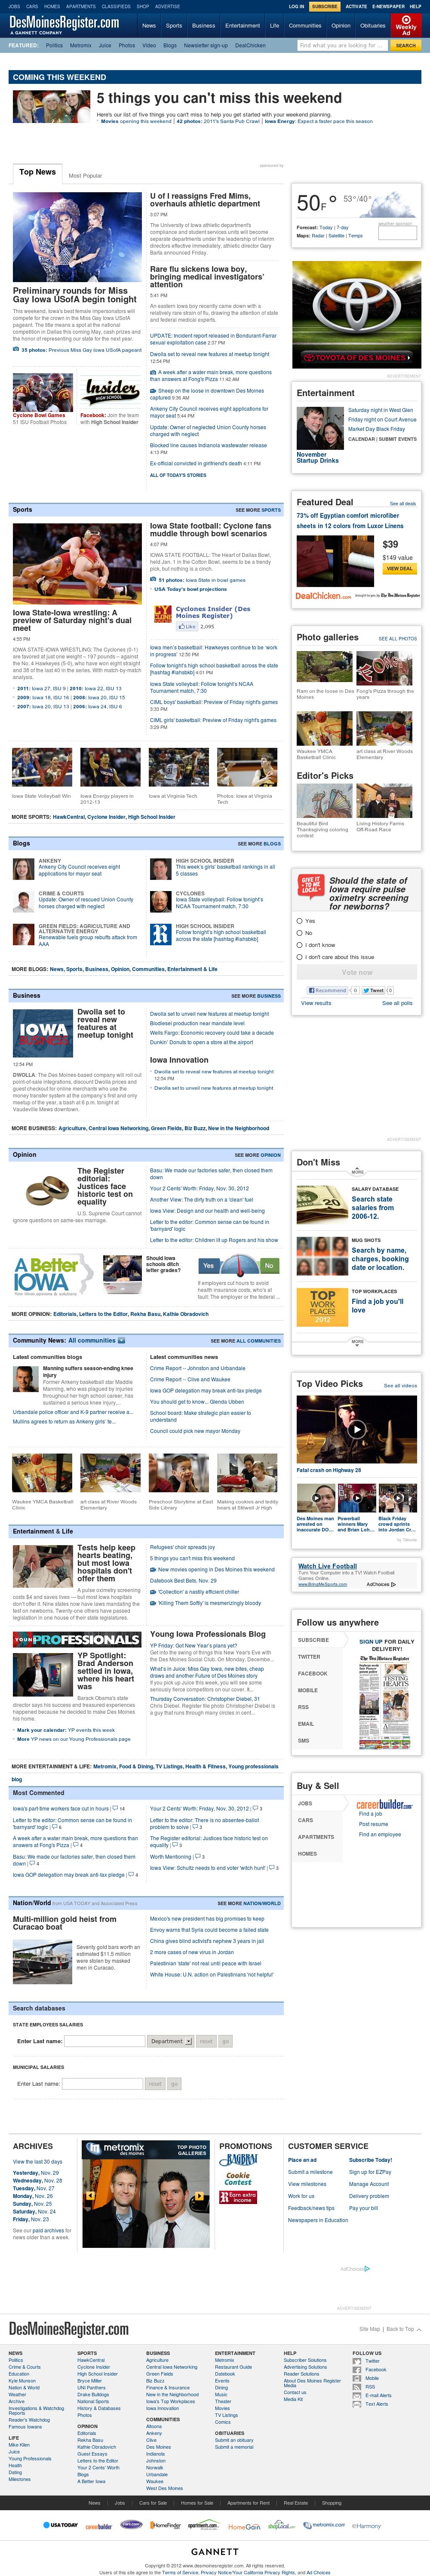 DesMoinesRegister.com at Saturday Dec. 1, 2012, 12:08 a.m. UTC